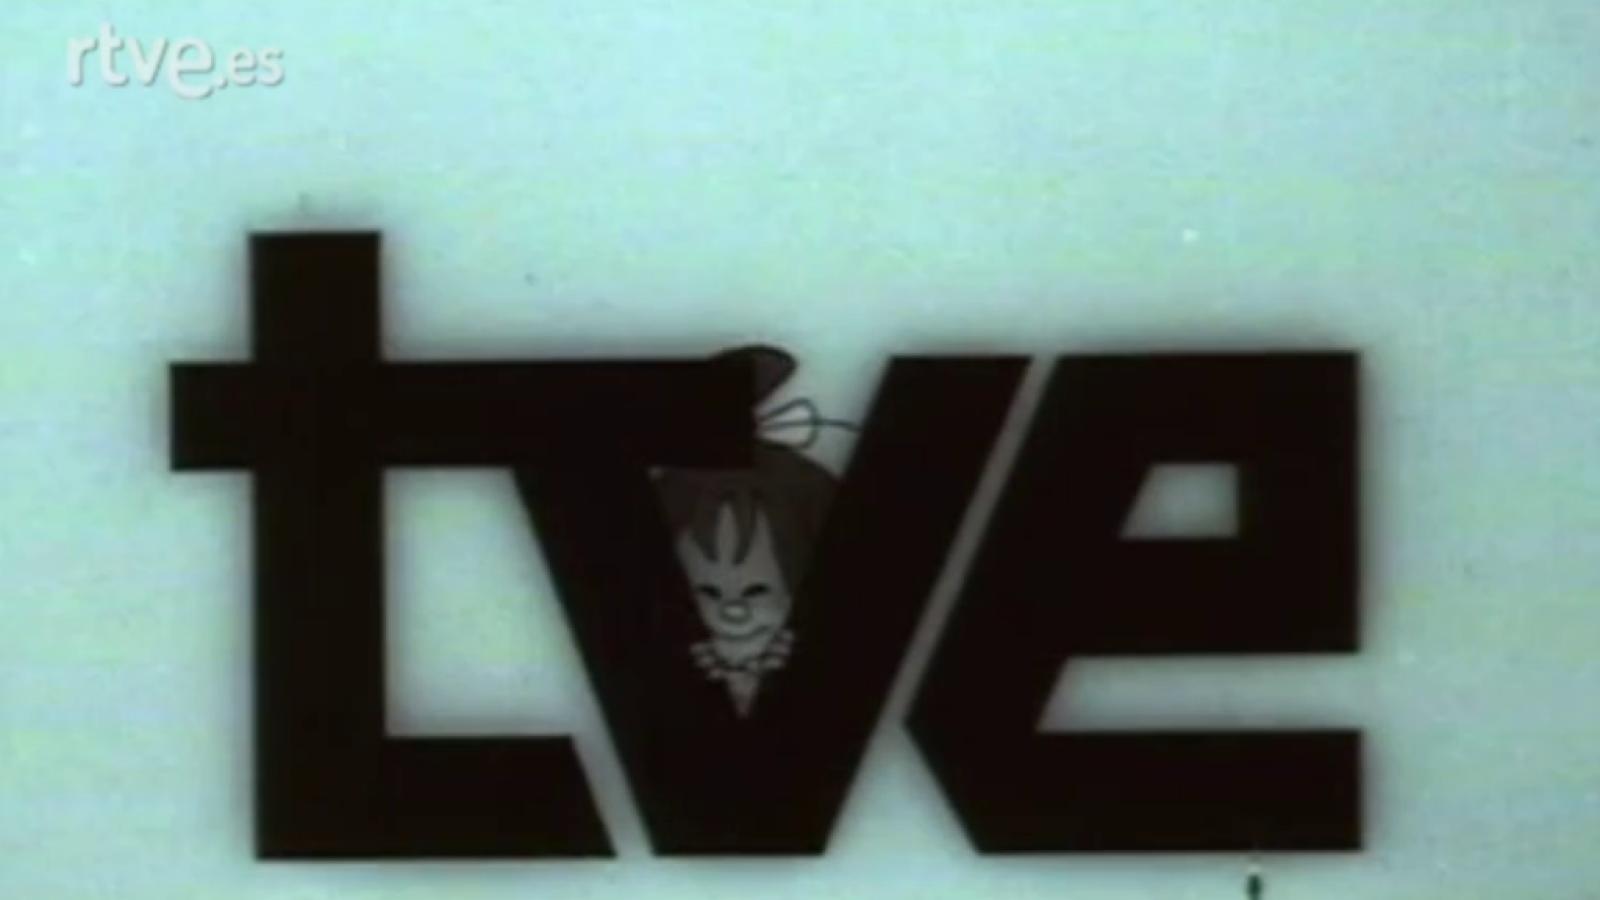 La cometa blanca - Homenaje al 25 aniversario de TVE (2 de 2)